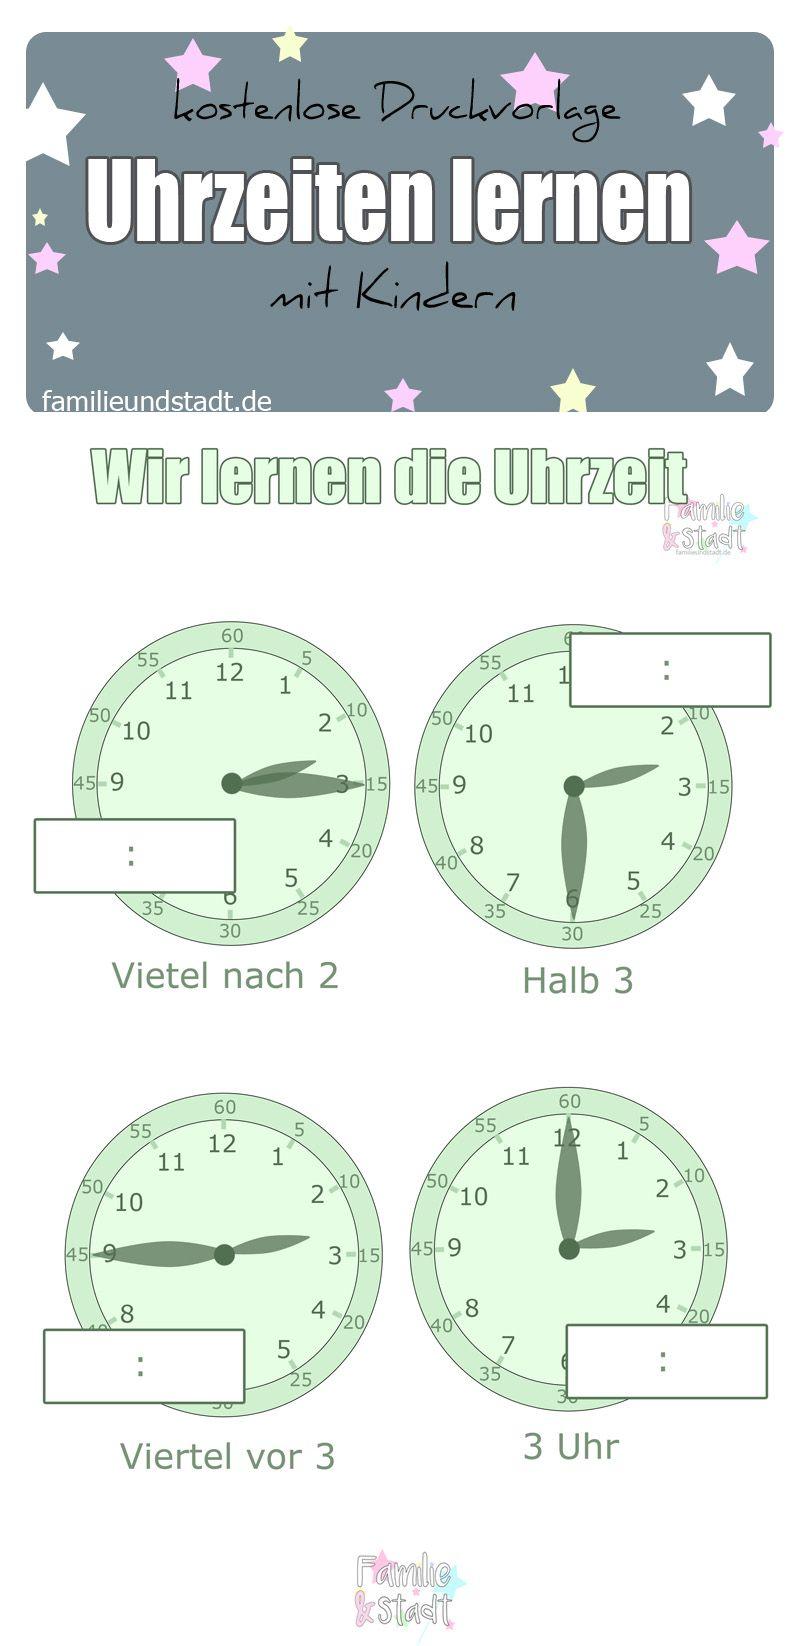 Uhrzeiten lernen mit Kindern - Druckvorlage | Pinterest ...